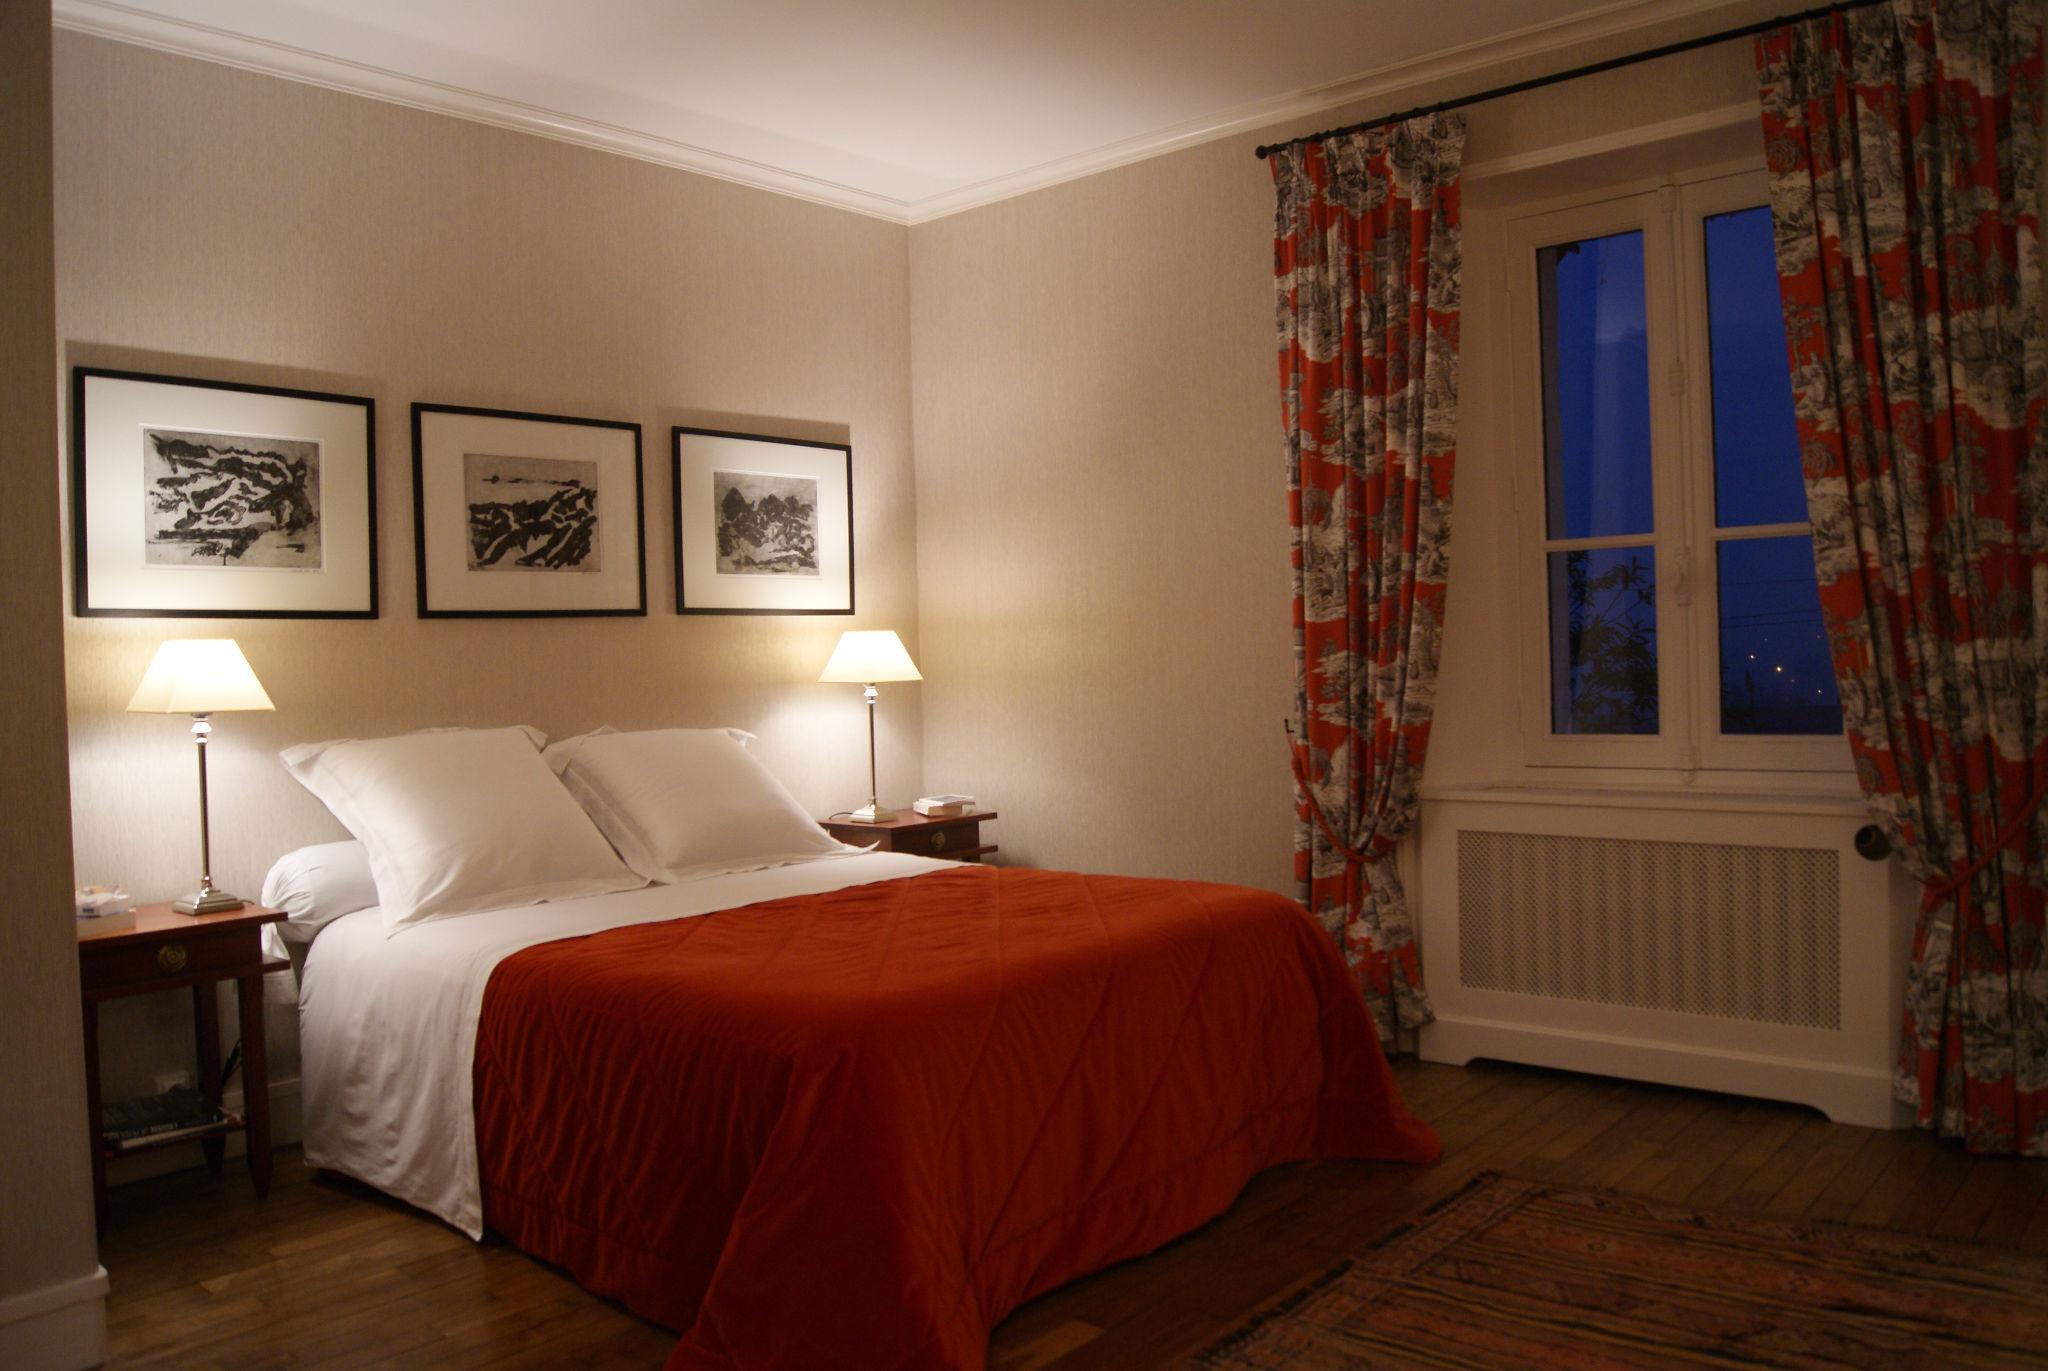 Chambre grise - Lit double et lampes de chevet